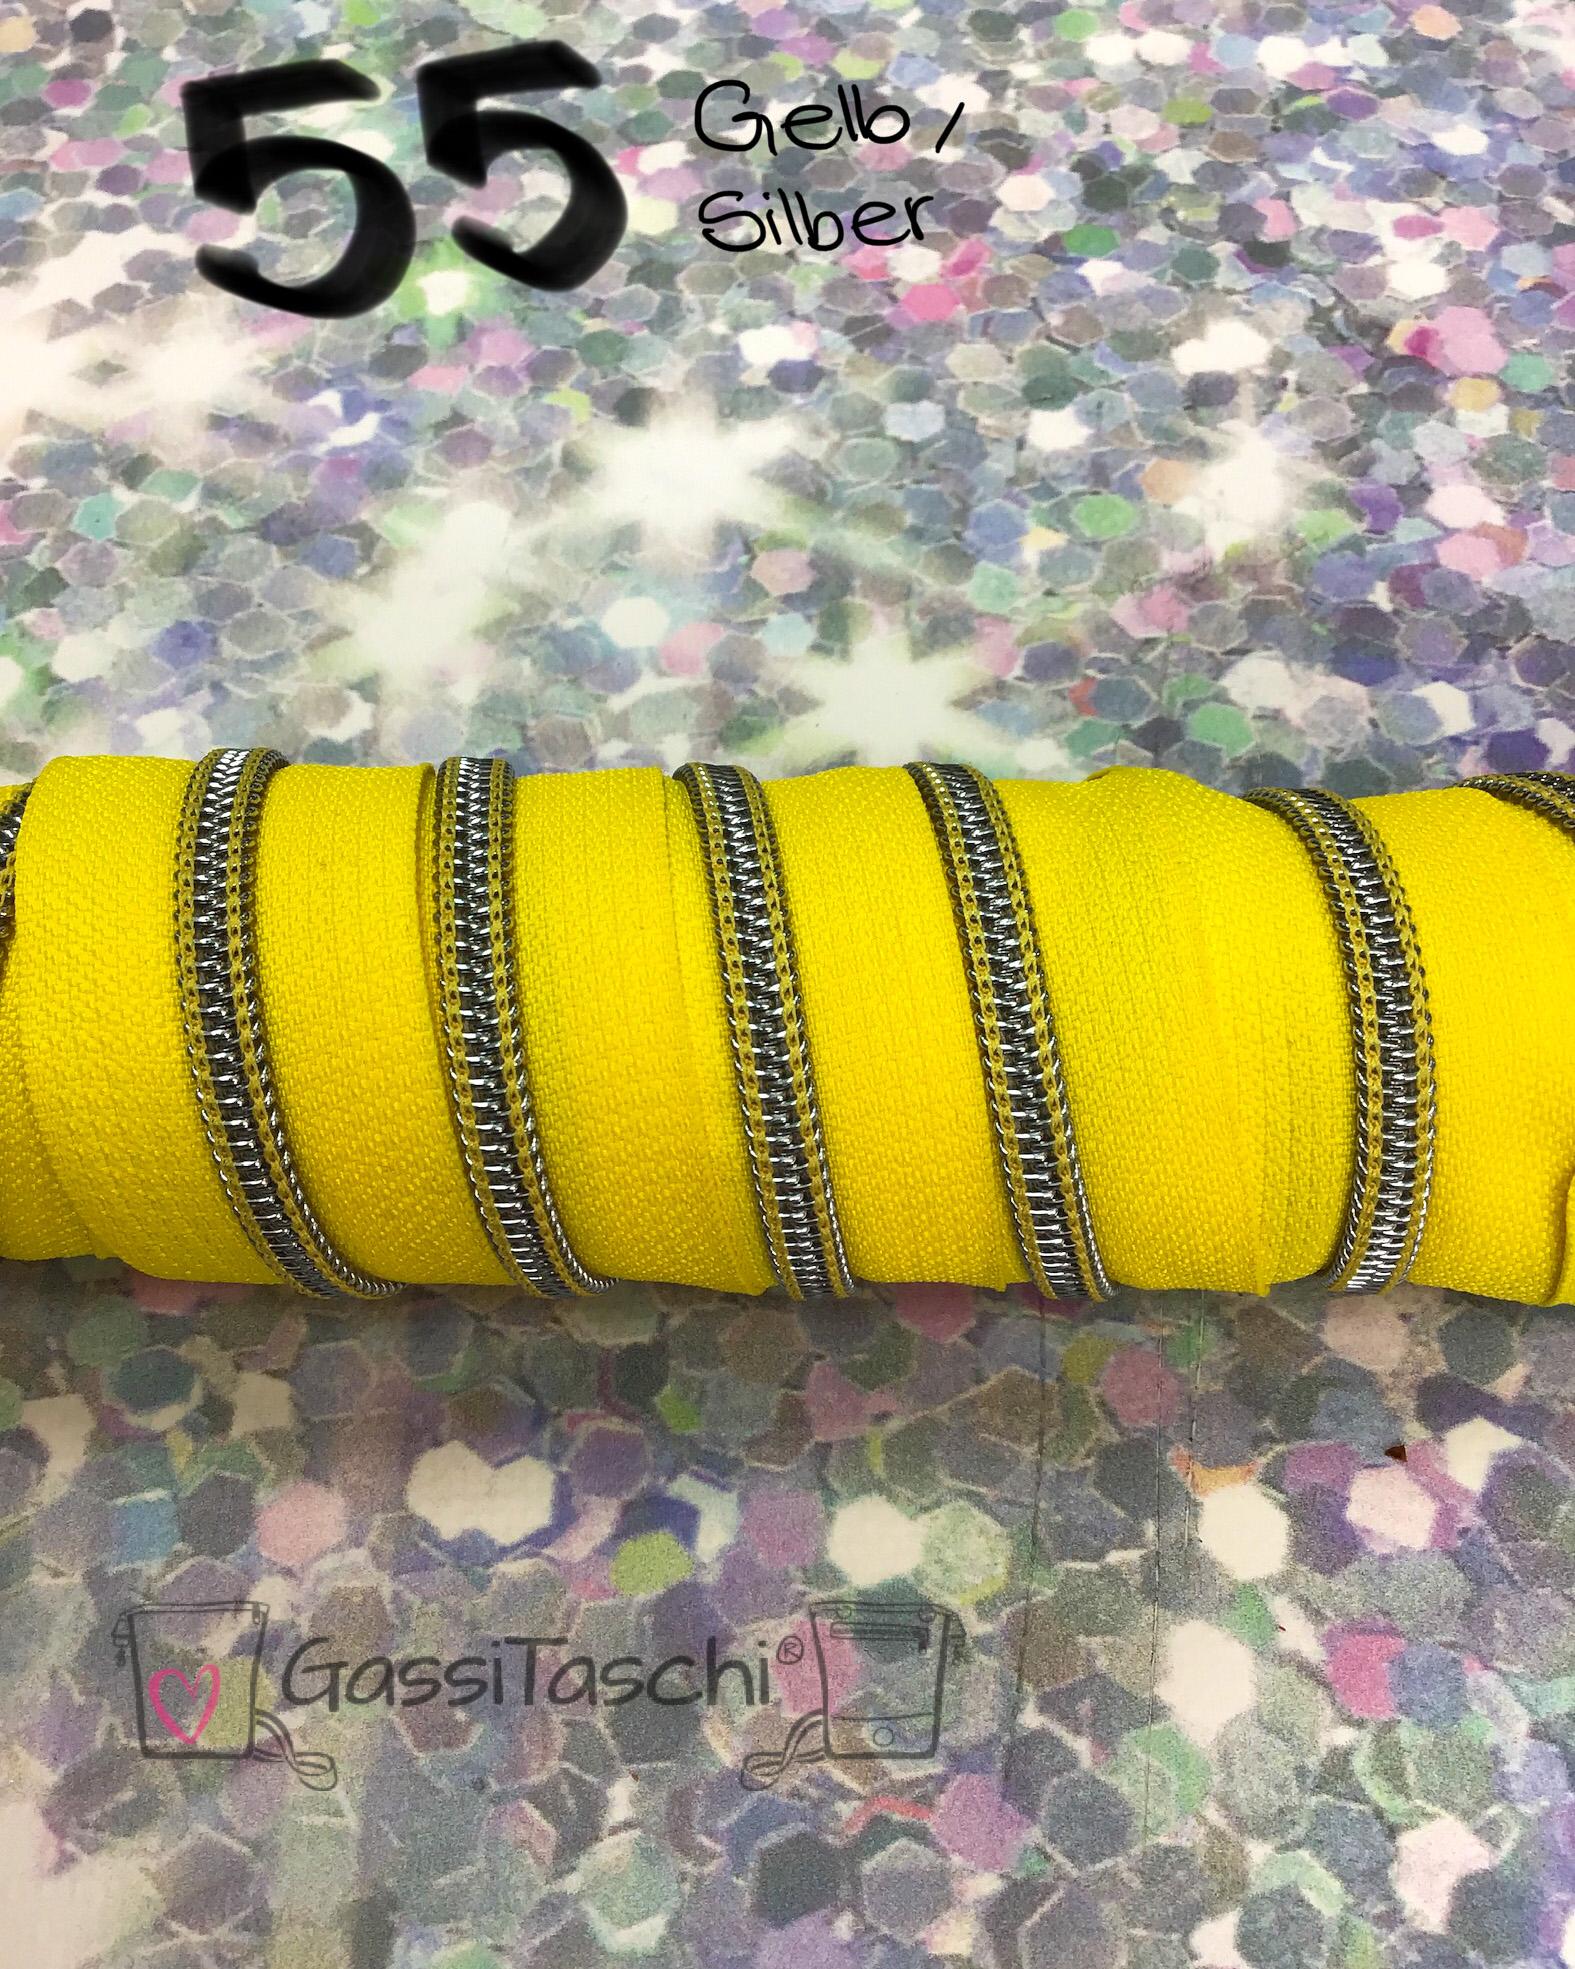 055-gelb-silber